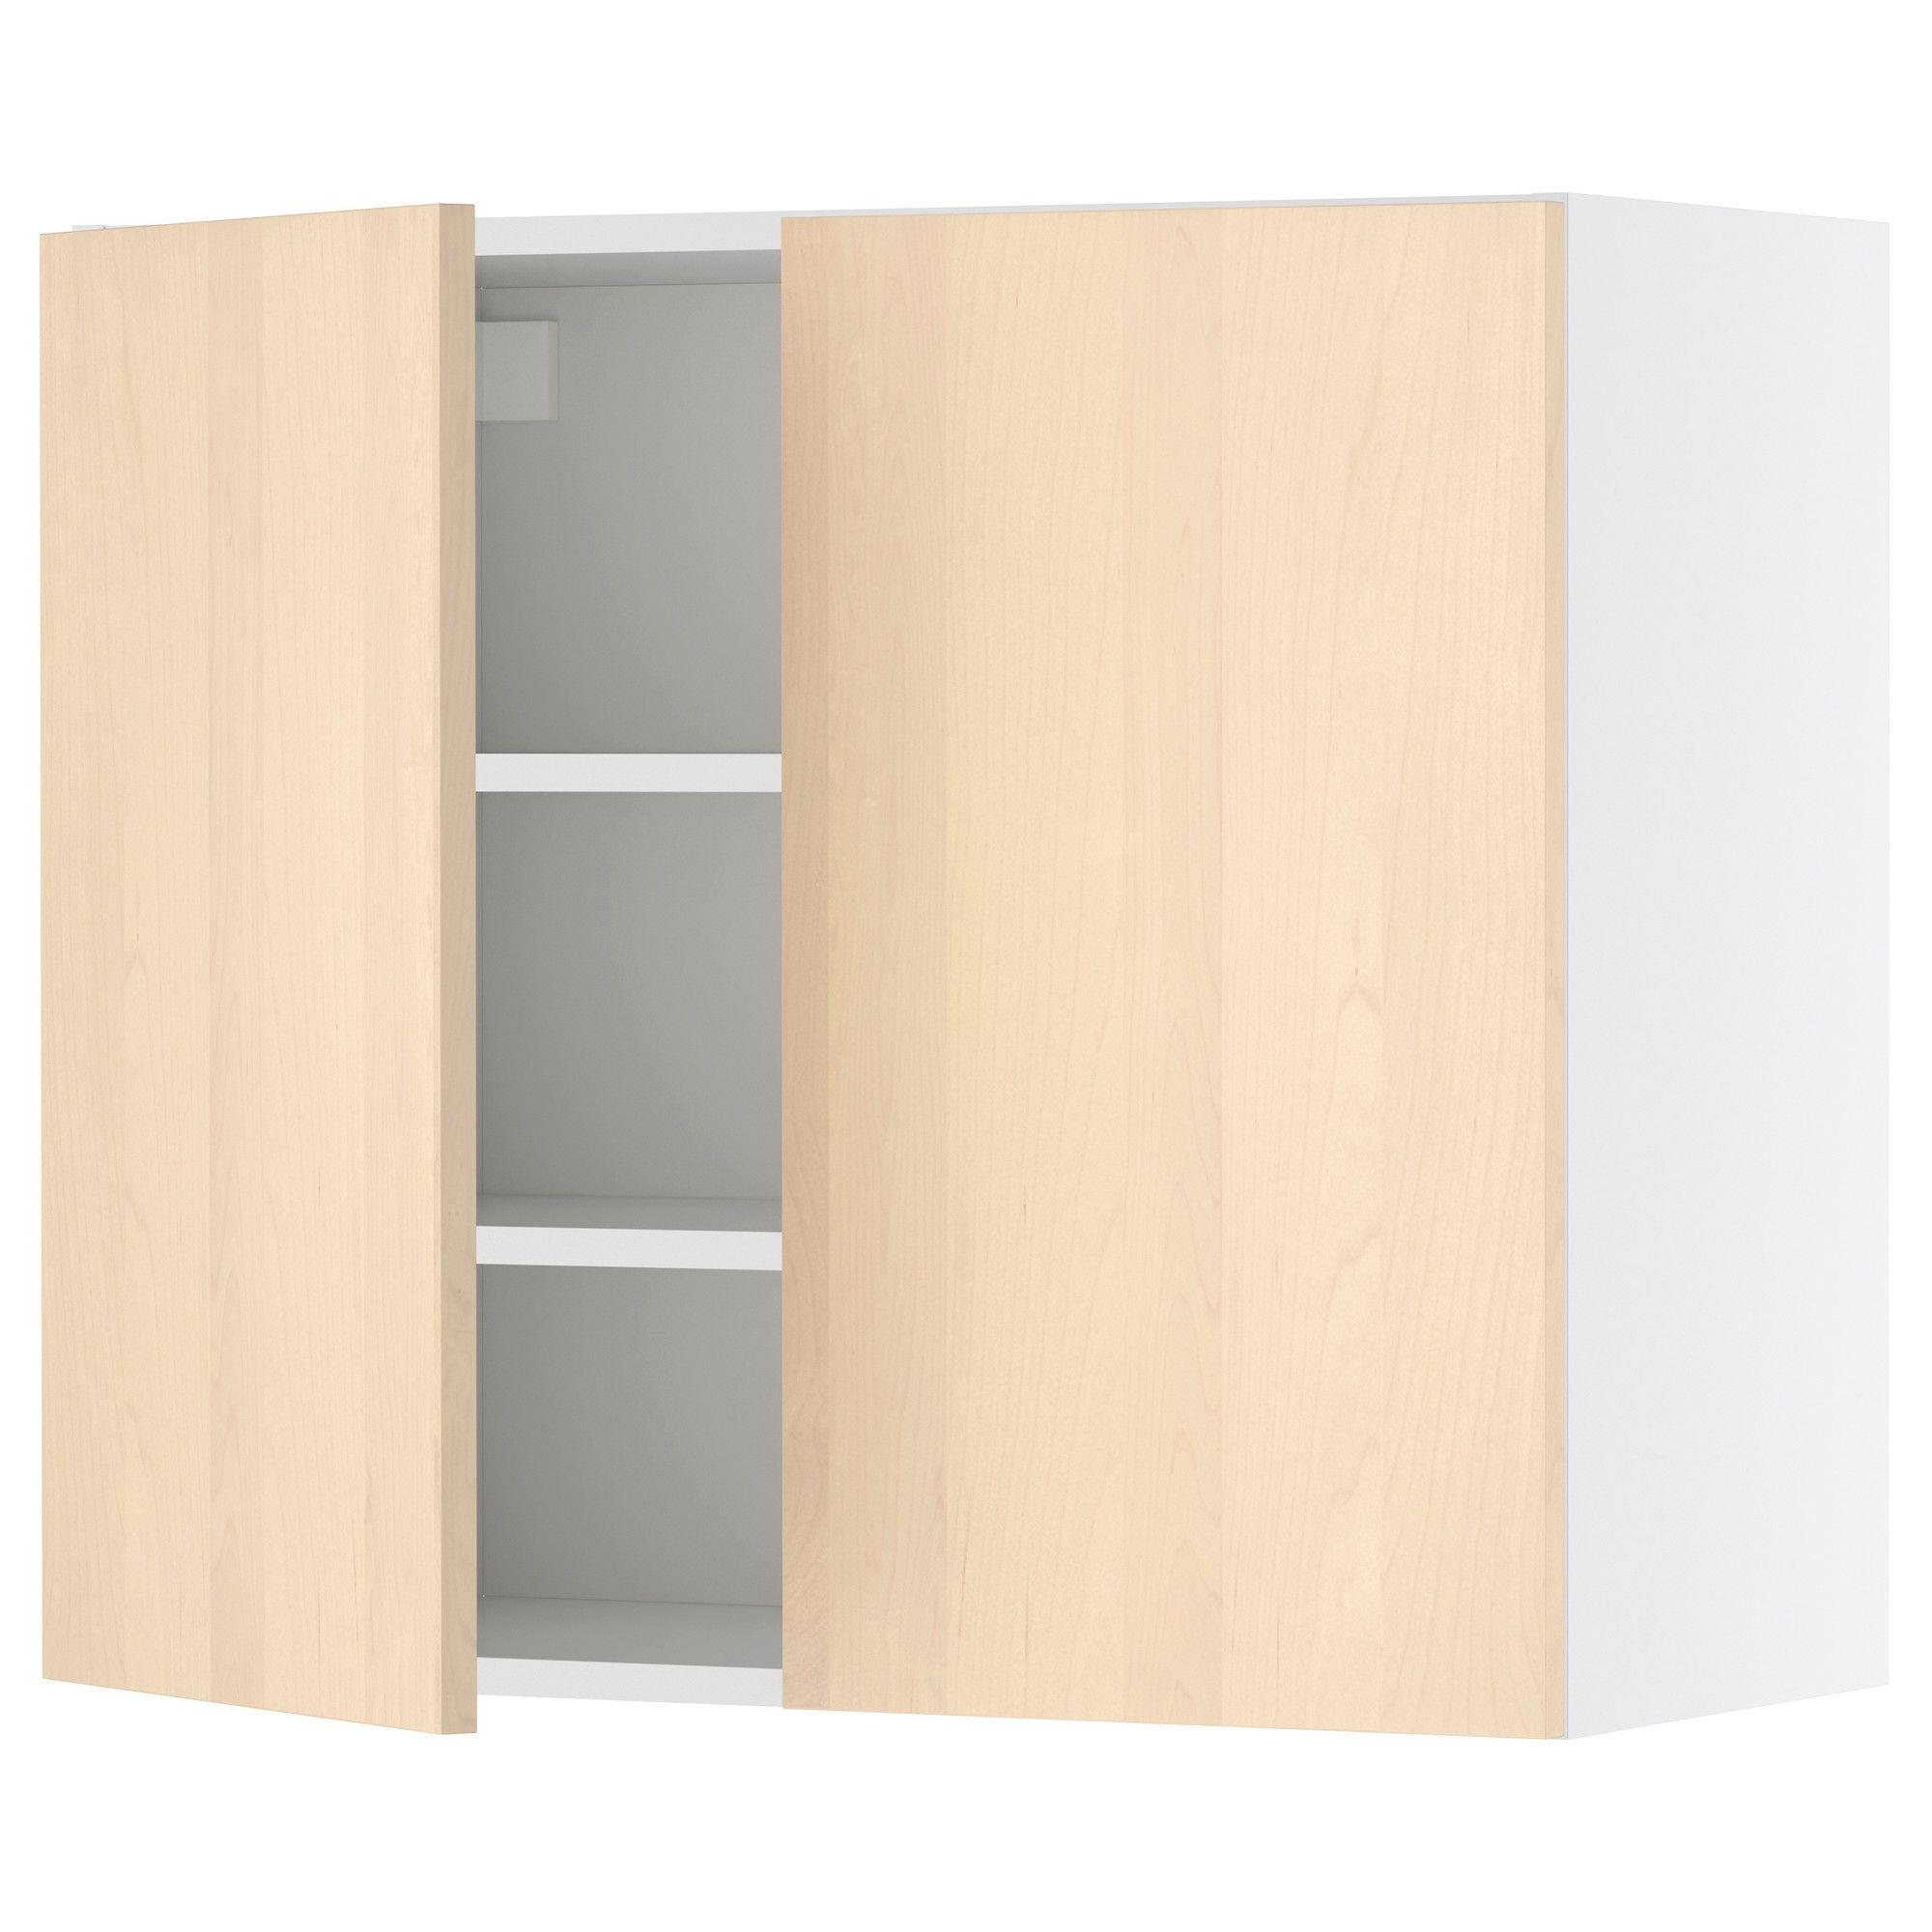 Faktum Wall Cabinet With 2 Doors Nexus Birch Veneer 60x70 Cm Ikea